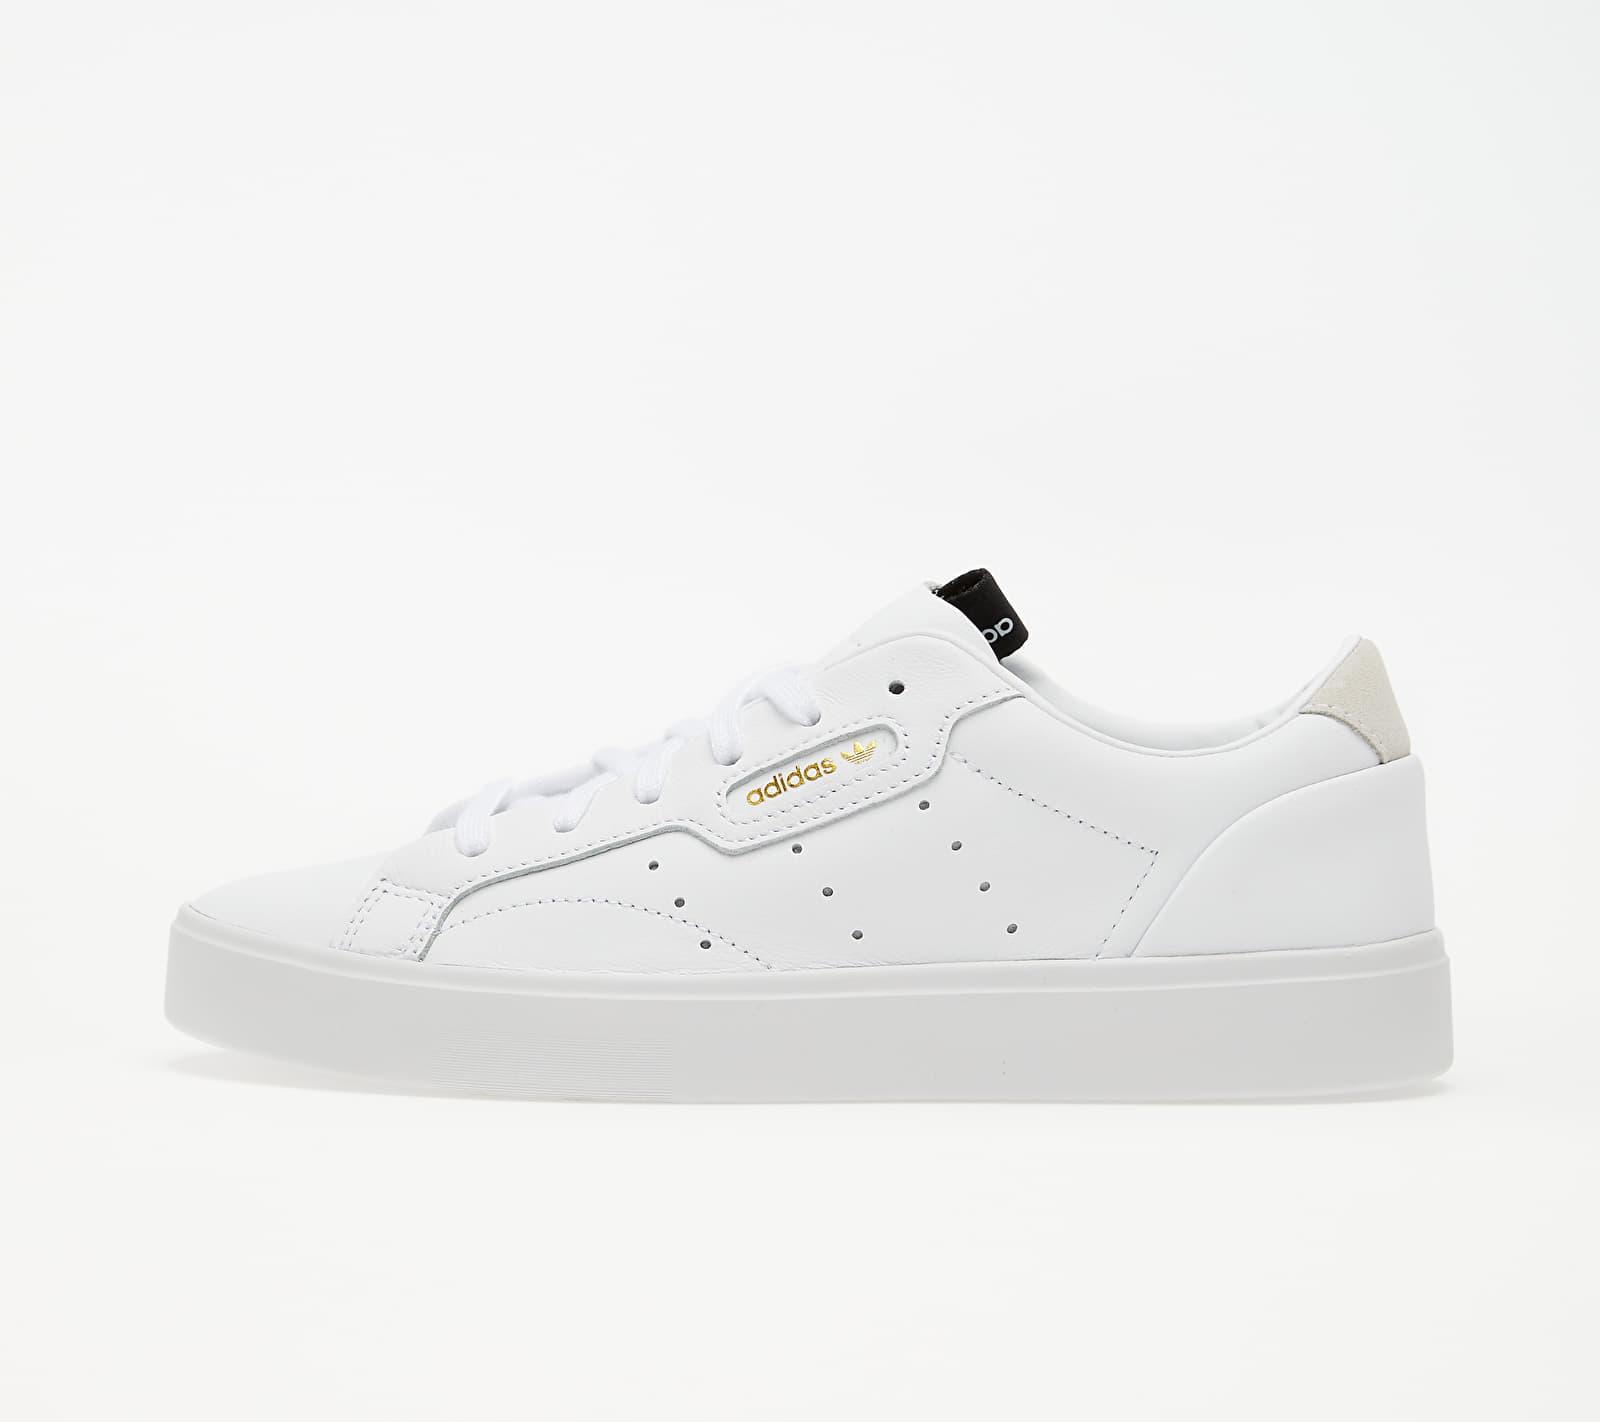 adidas Sleek W Ftw White/ Ftw White/ Crystal White EUR 41 1/3